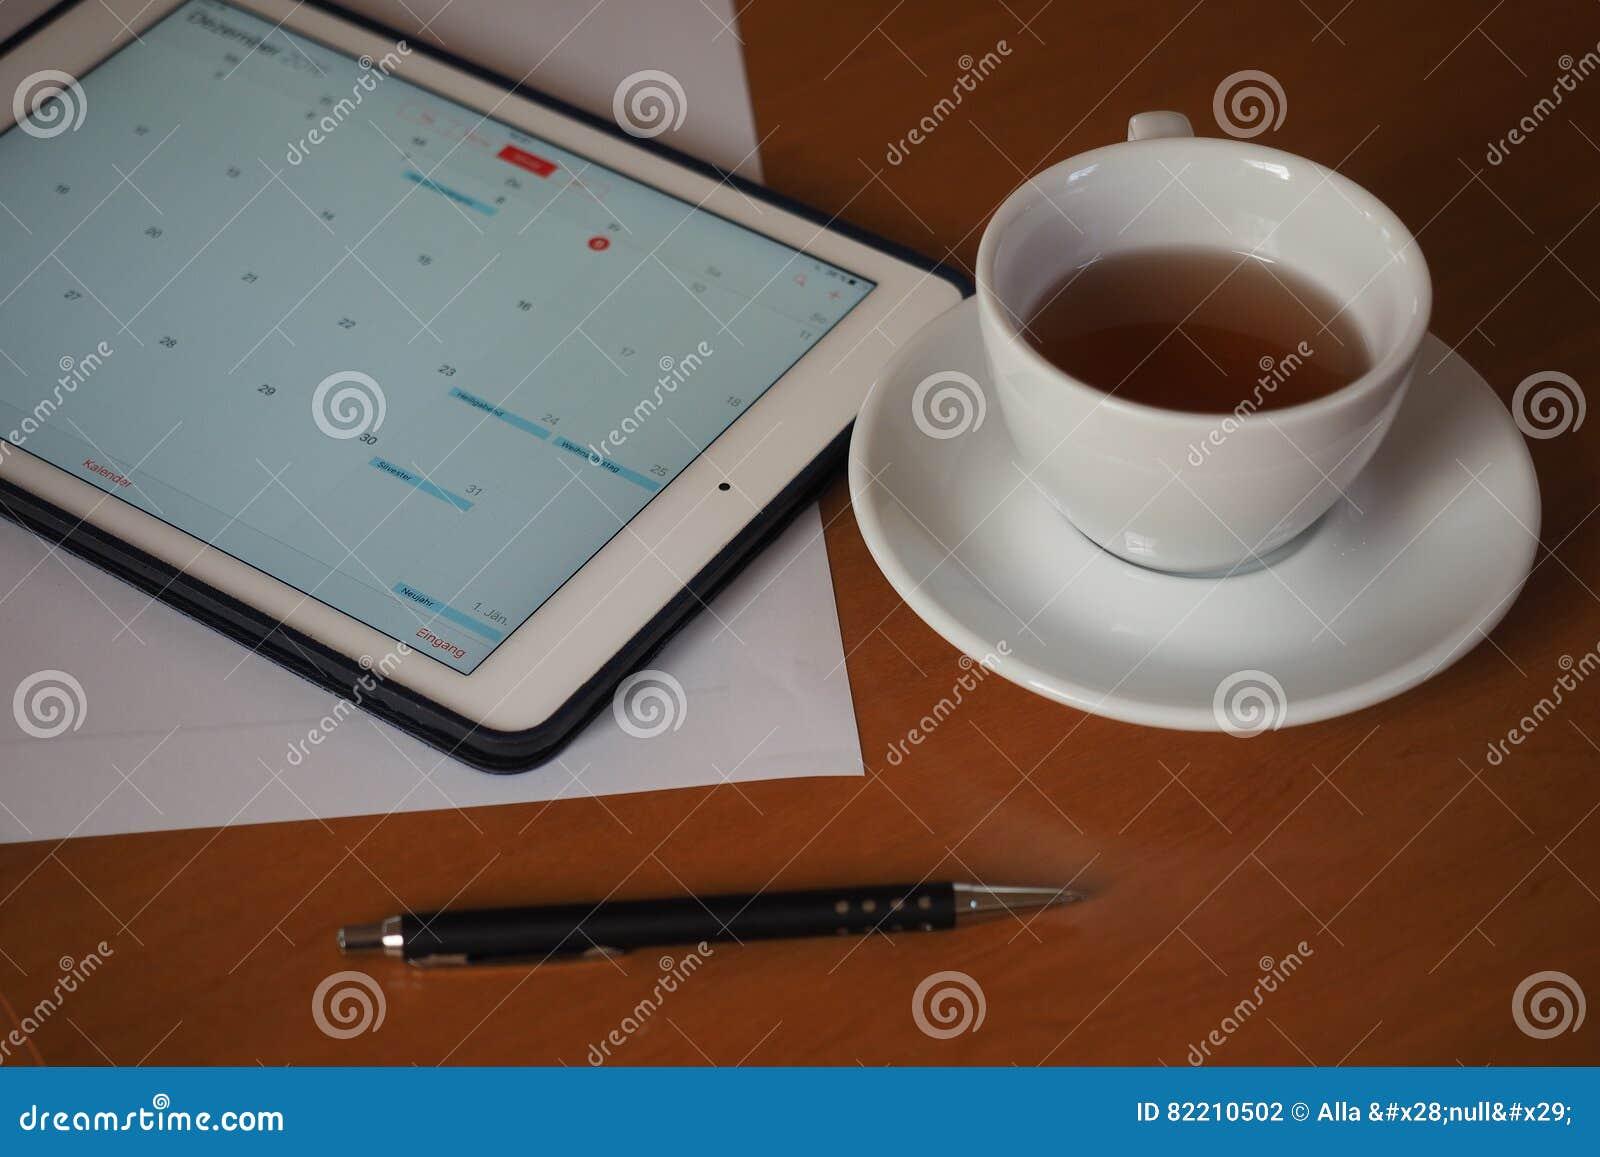 Geschäft, Kalender, Verabredung Bürotisch mit Notizblock, Computer, Kaffeetasse